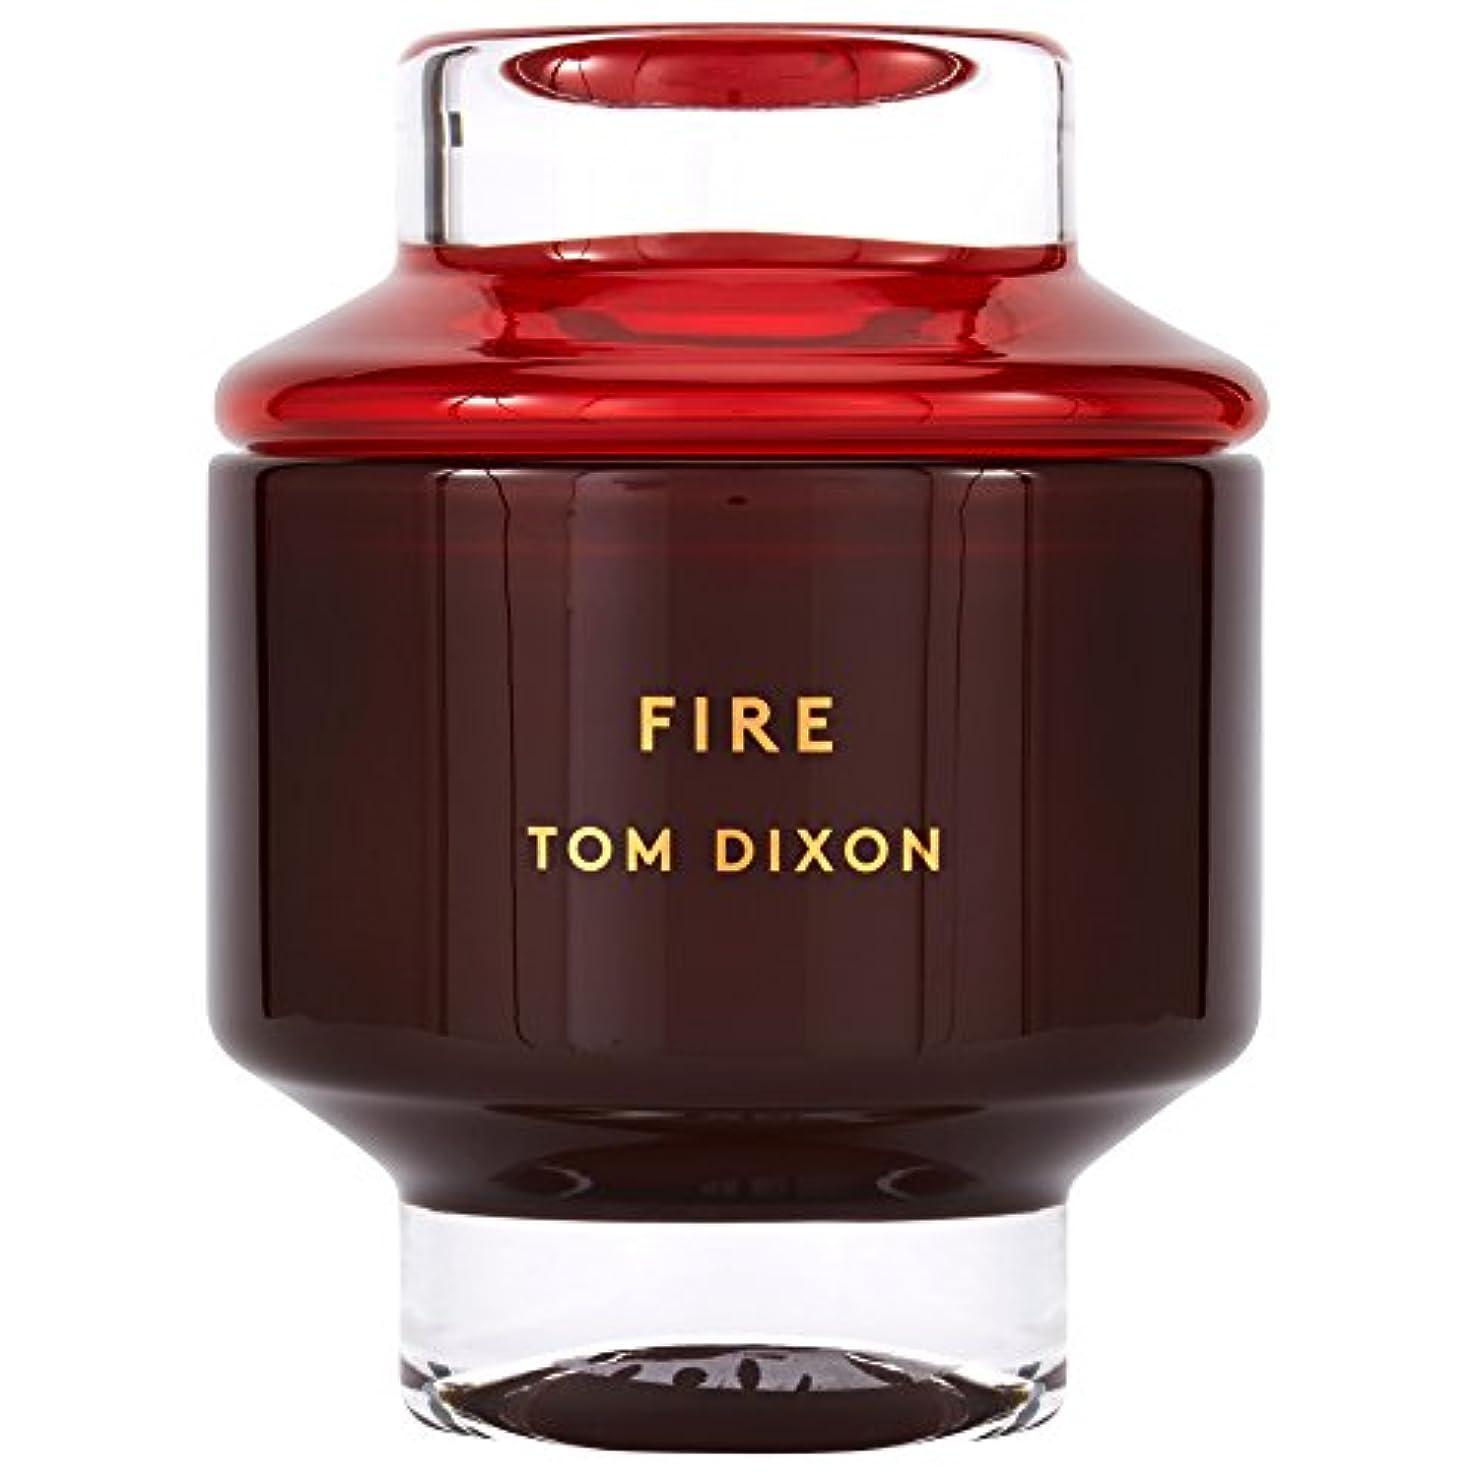 農民モールス信号土器トム?ディクソン火災大型香りのキャンドル x6 - Tom Dixon Fire Scented Candle Large (Pack of 6) [並行輸入品]